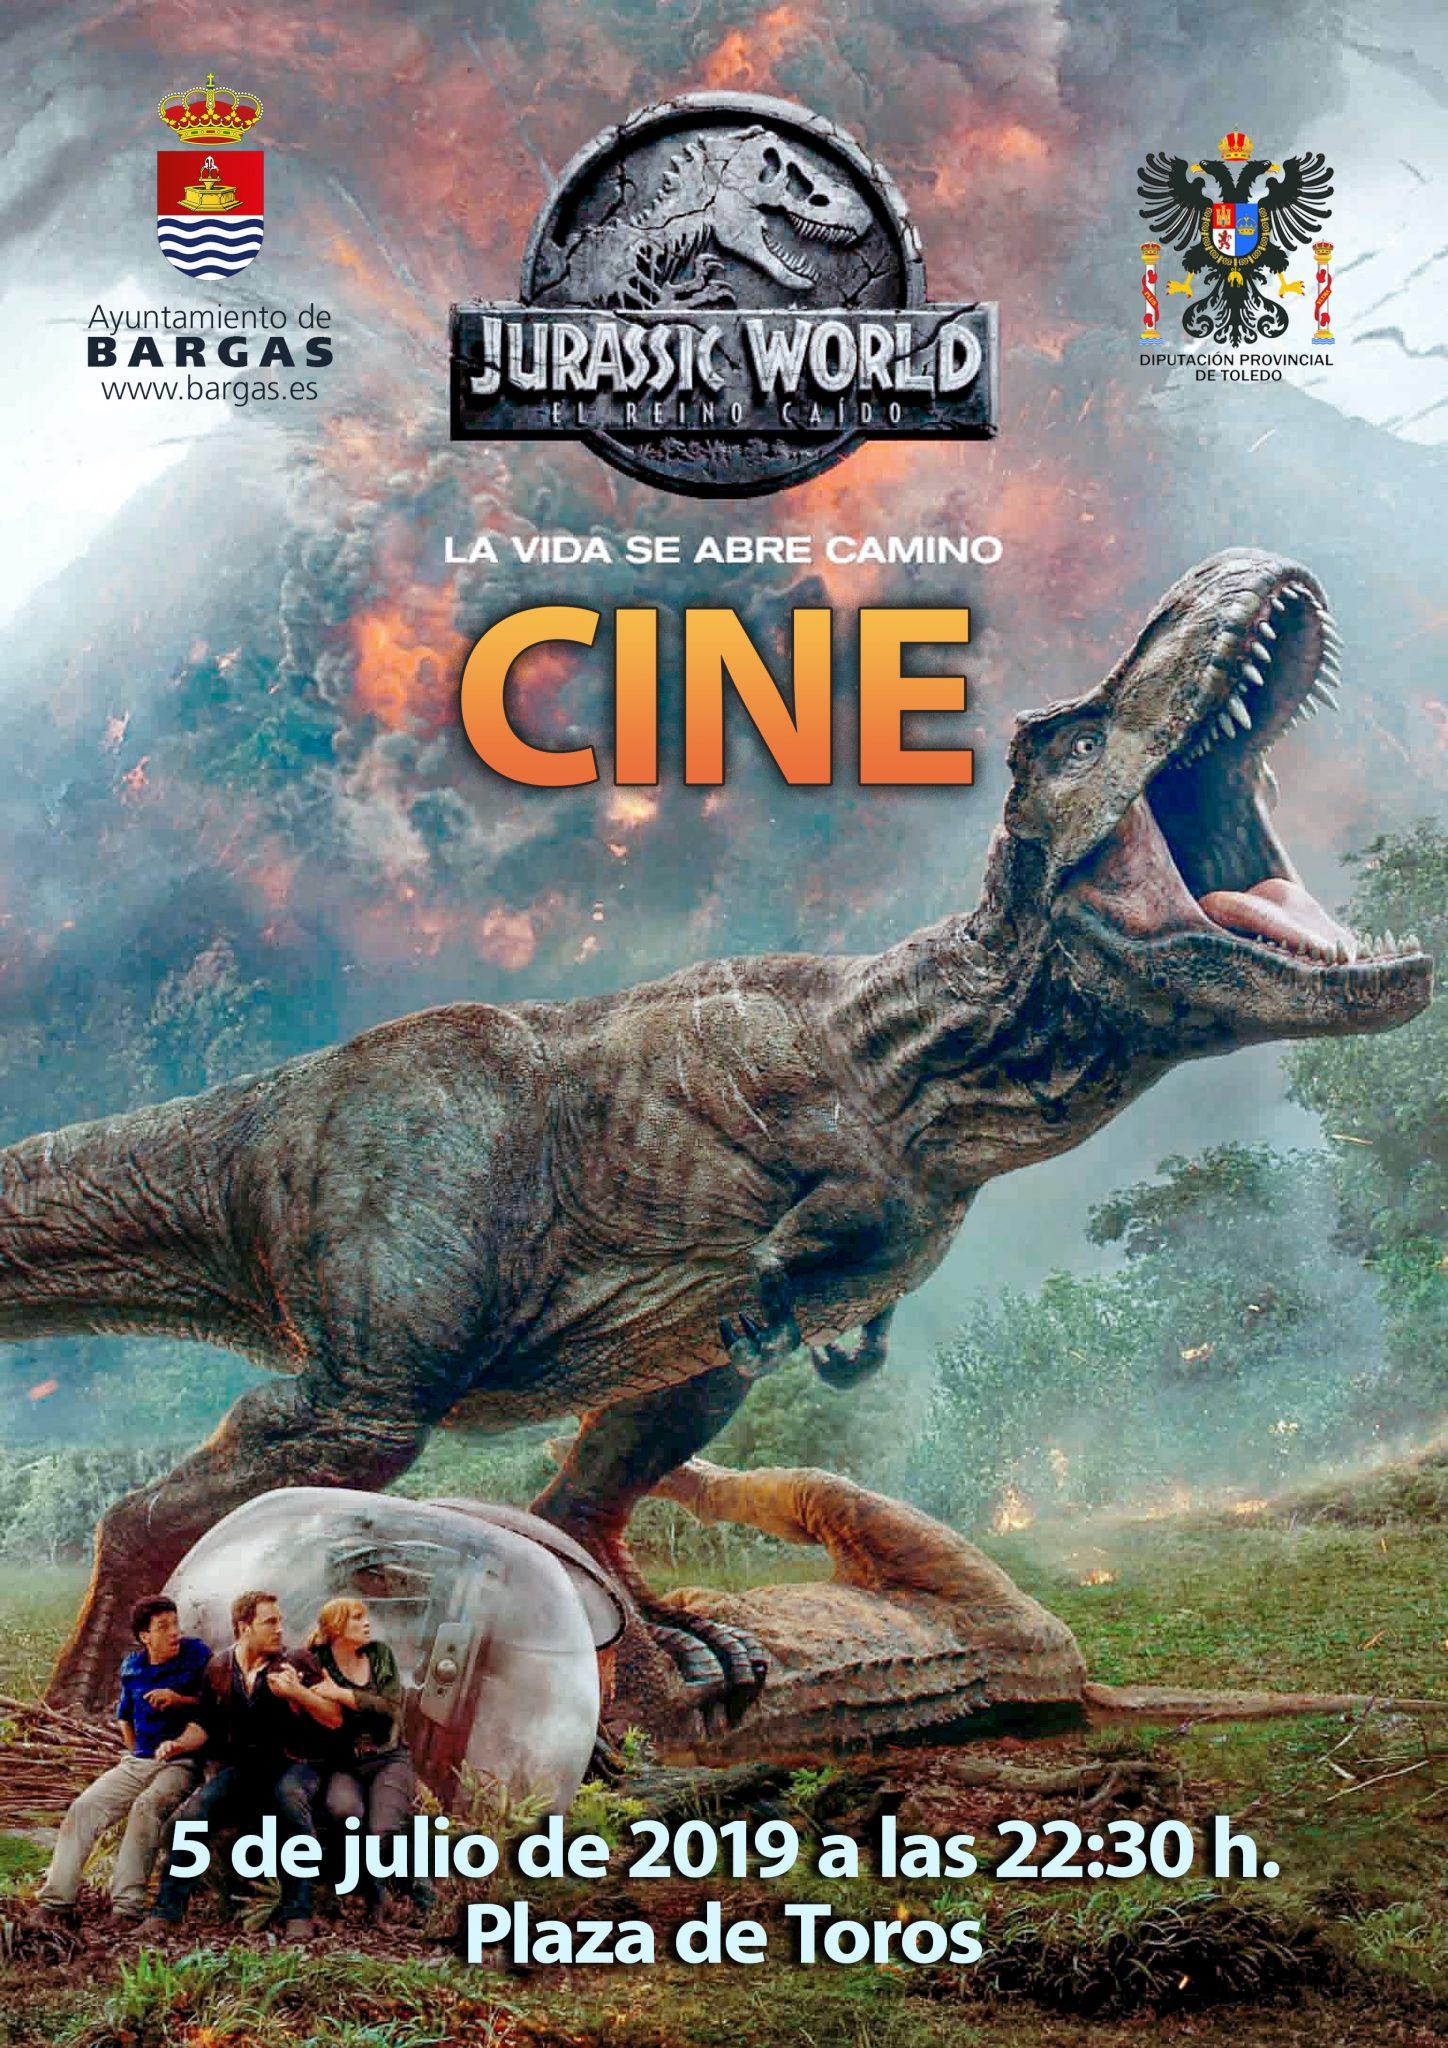 CINE: Jurassic World: El reino caído